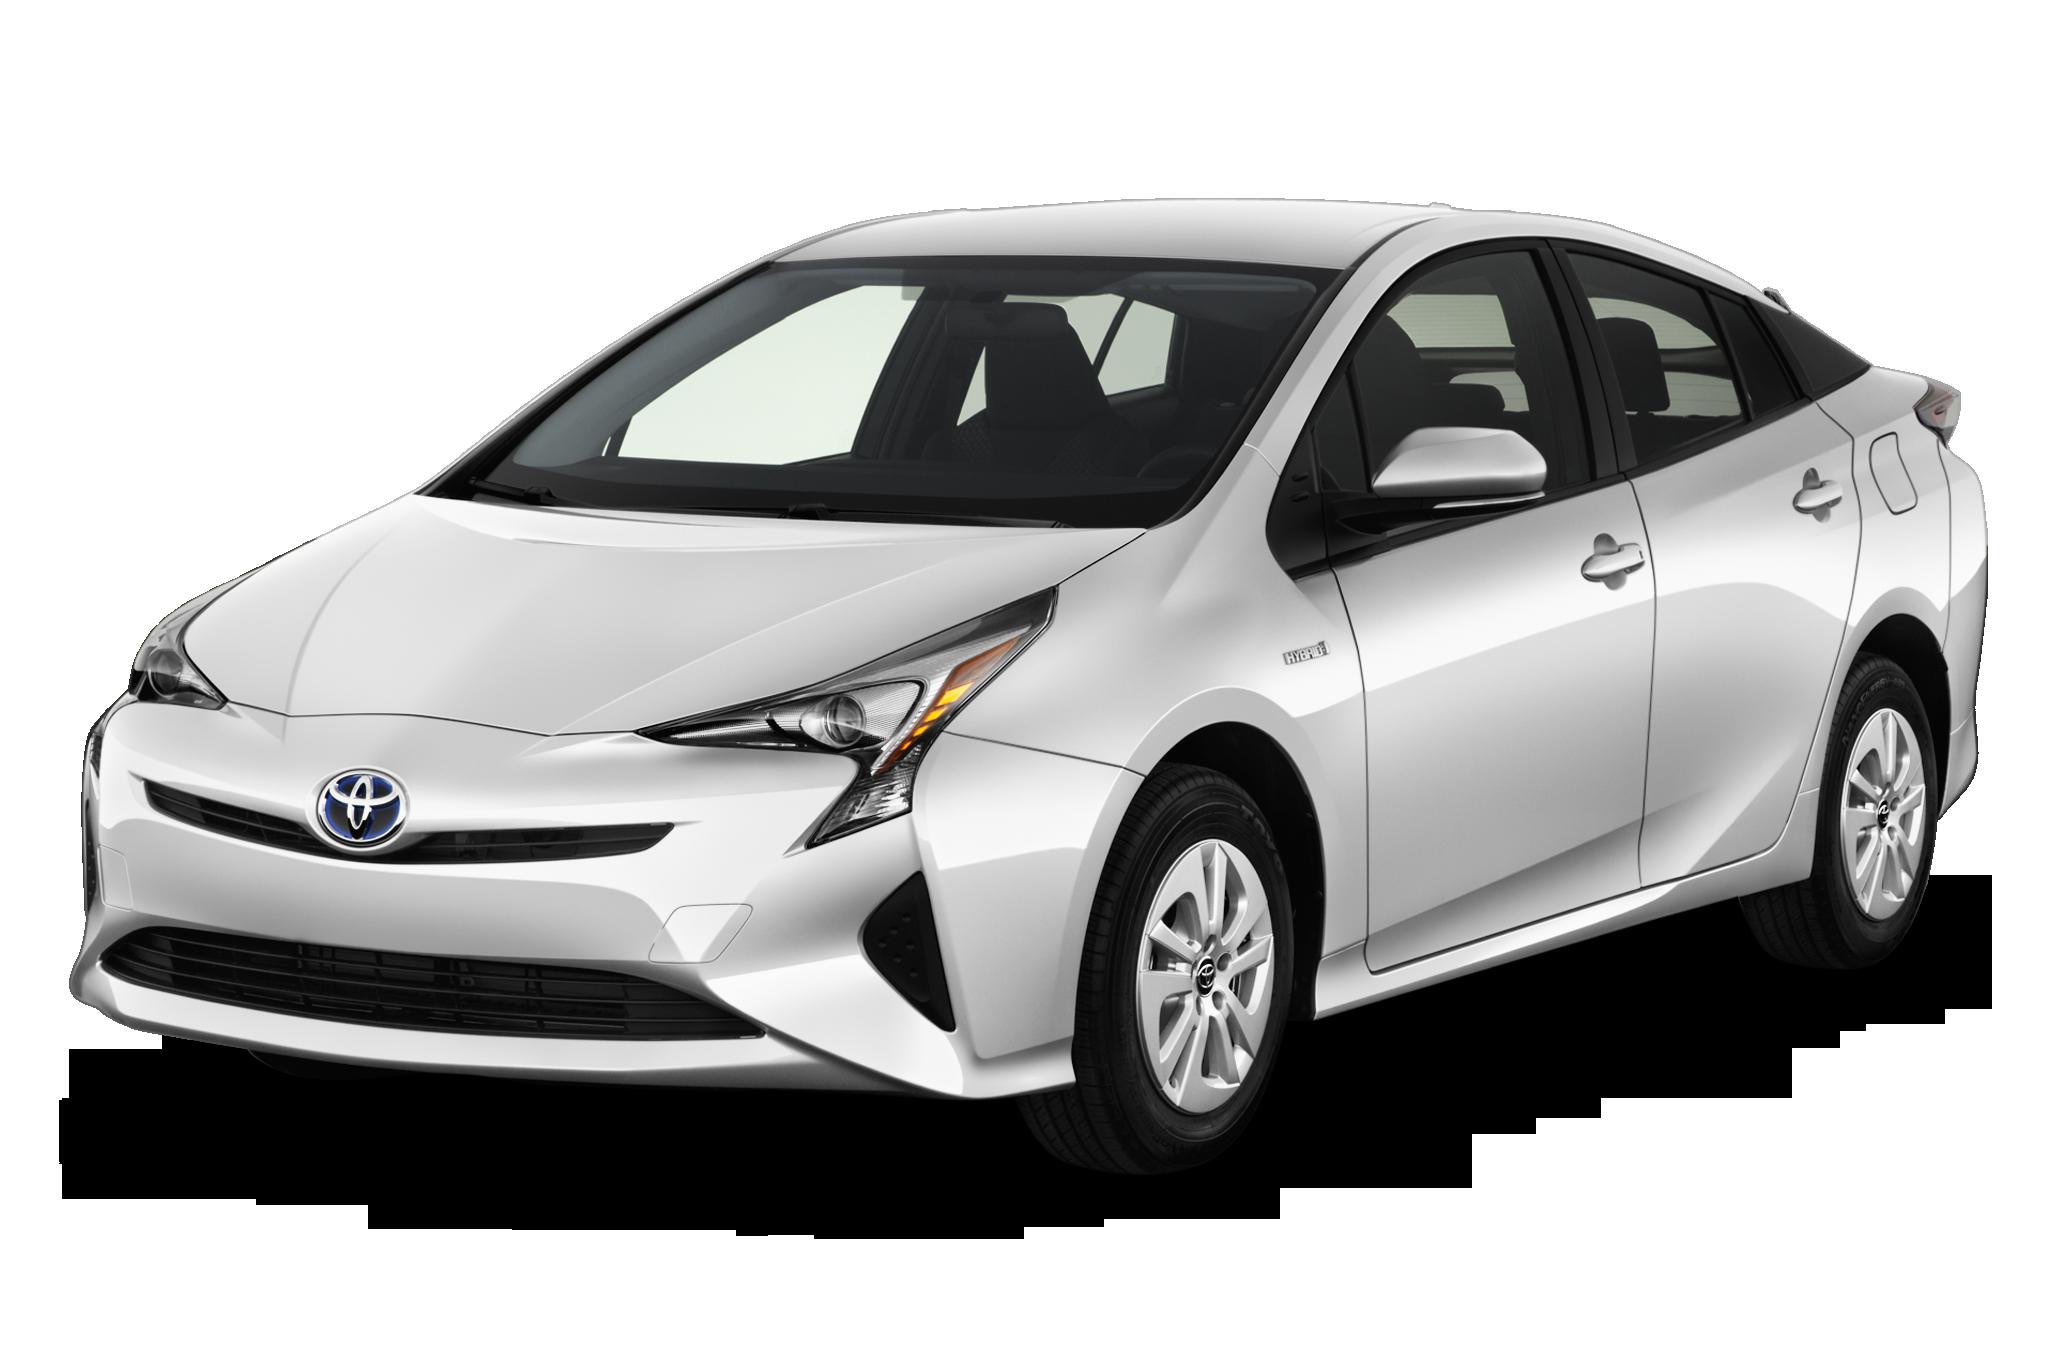 Hybrid Car PNG - 49434